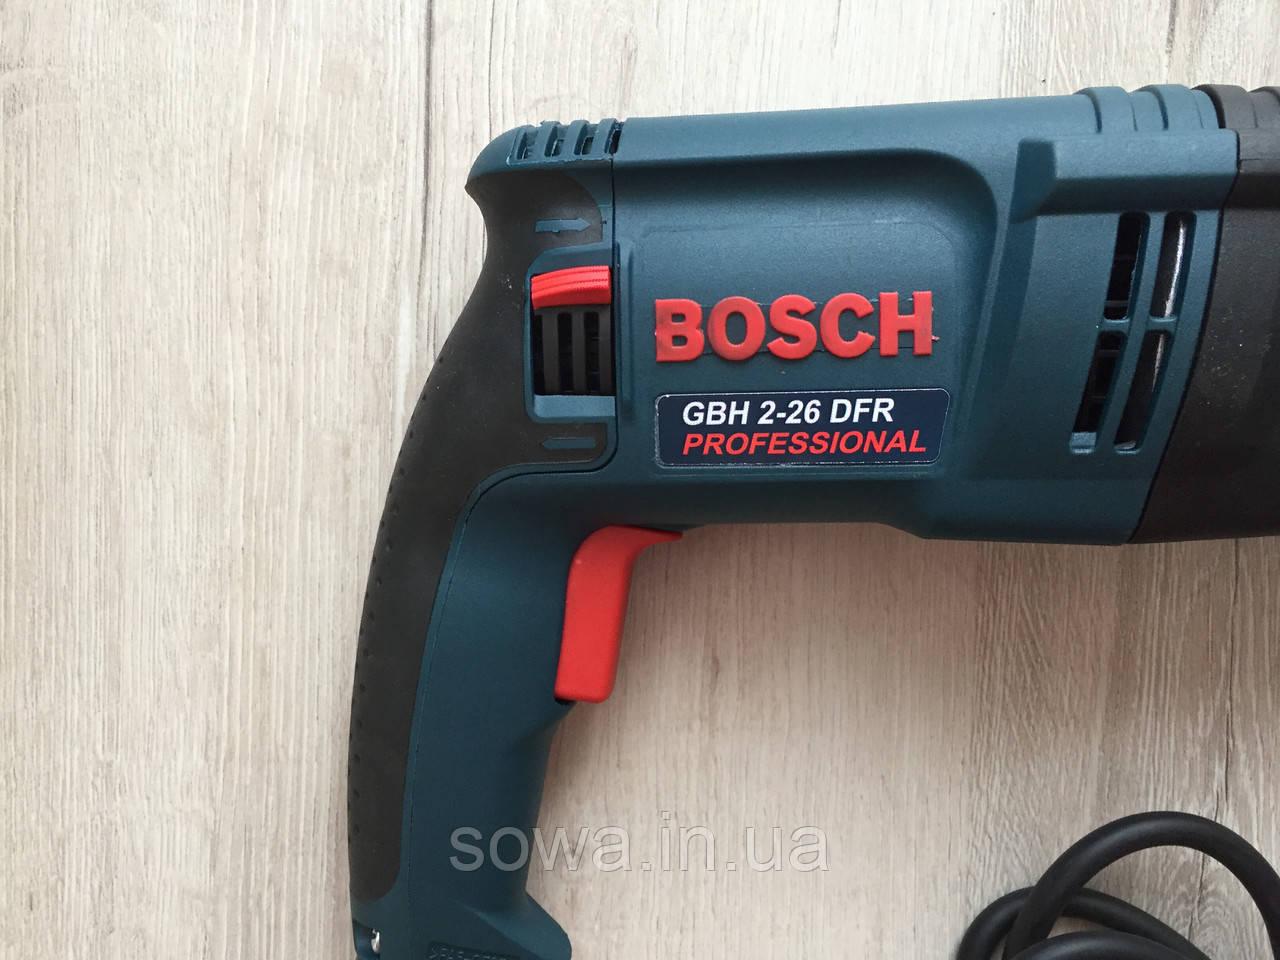 Перфоратор Bosch_ Бош GBH 2-26 DRE ( 800 Вт, 2.8 Дж, SDS-Plus ) + ПОДАРОК - фото 5